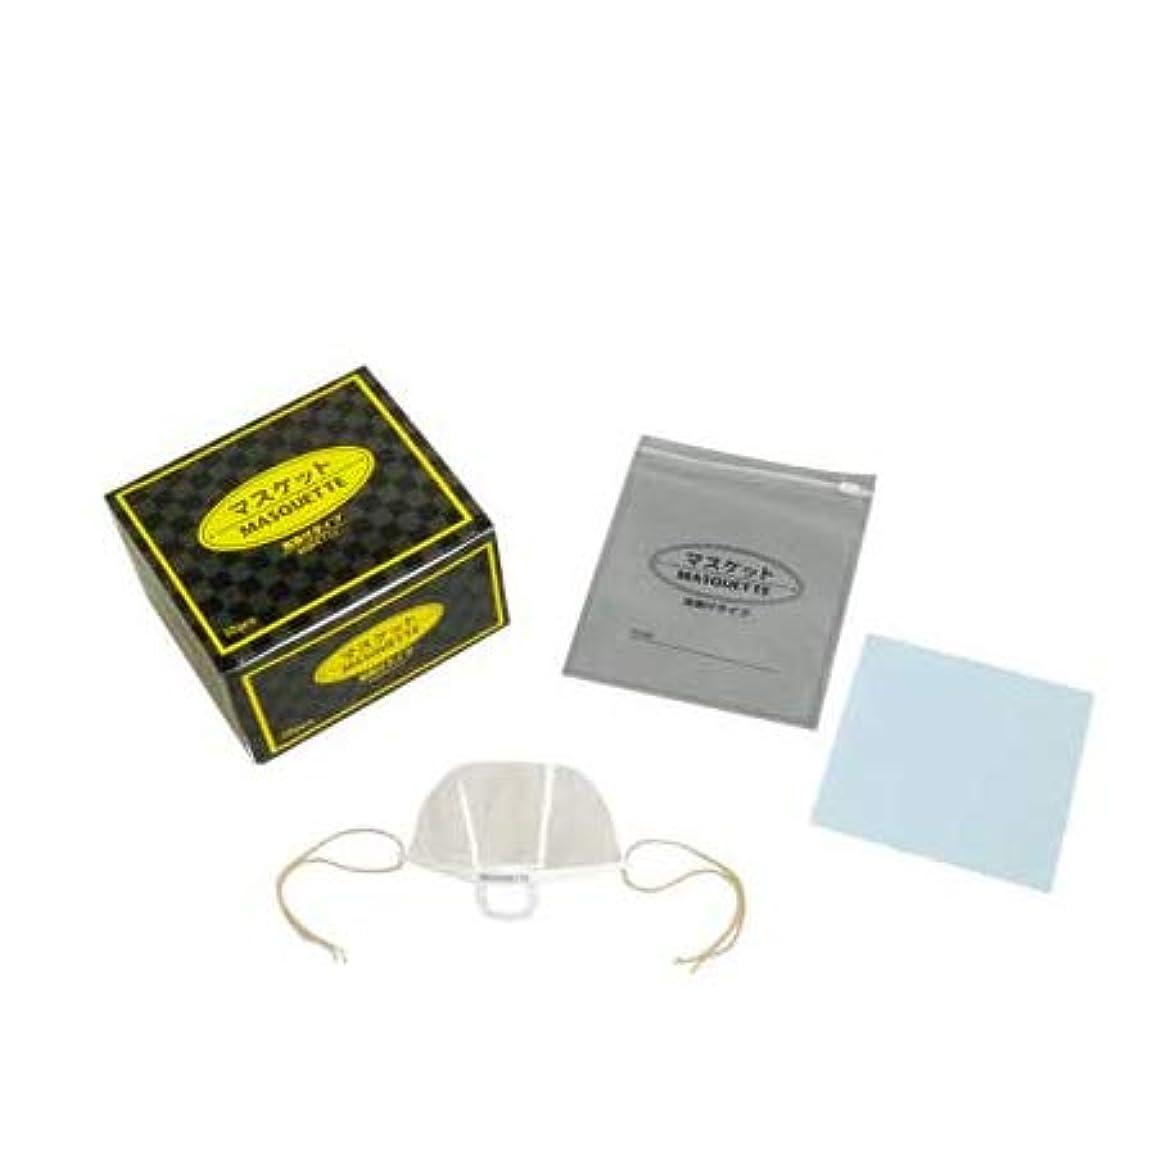 特別なあらゆる種類のマウントバンク旭創業 エチケットマスク マスケット(耳掛けタイプ)10枚入